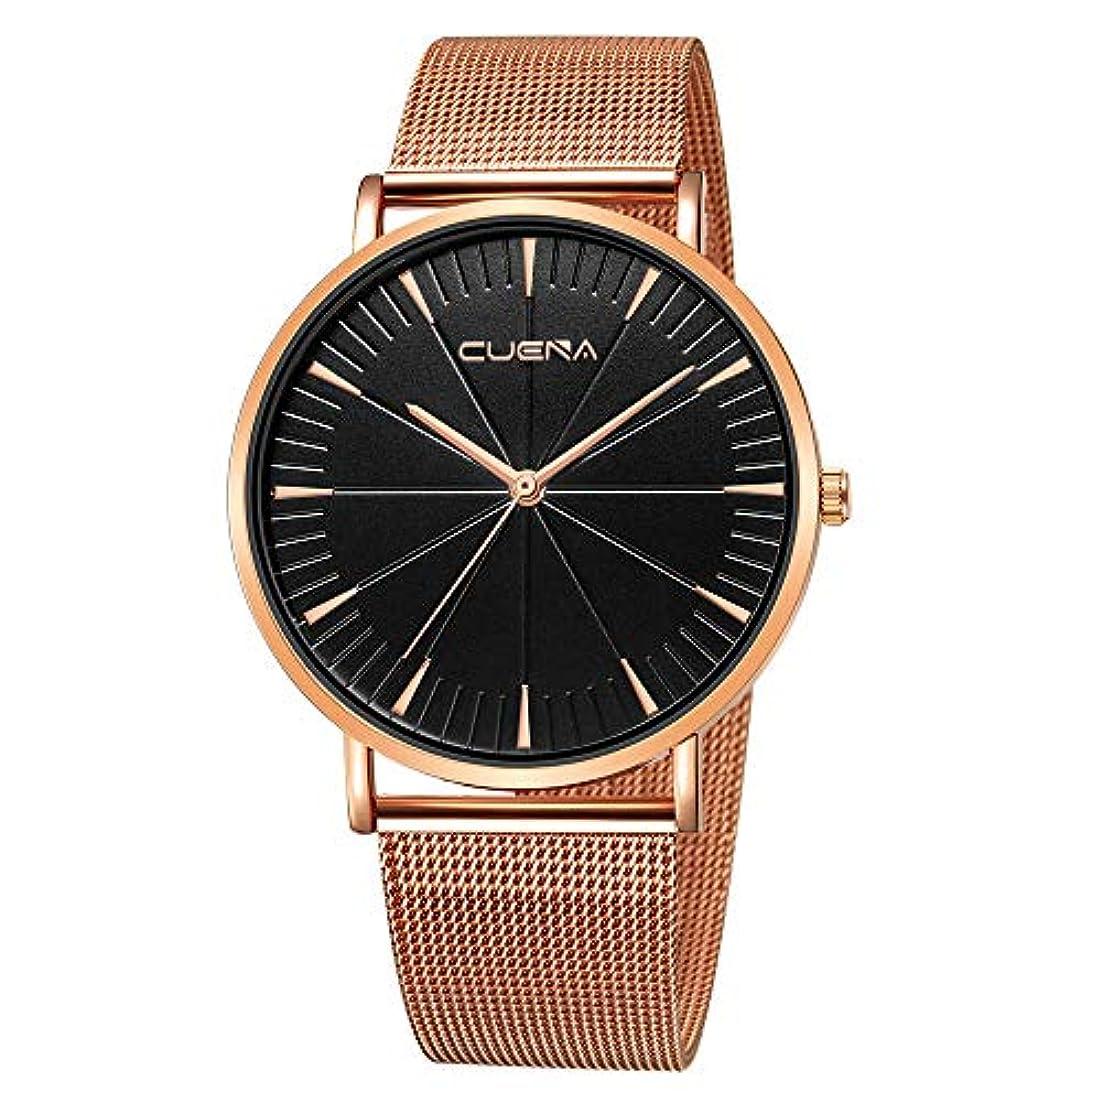 シニス価格錫Rencaifeinimo2019年最新 紳士用 超薄型 男女兼用 多機能 腕時計 人気 平日 ファッション メンズファッションミリタリーステンレススチールアナログスポーツクォーツビジネス腕時計